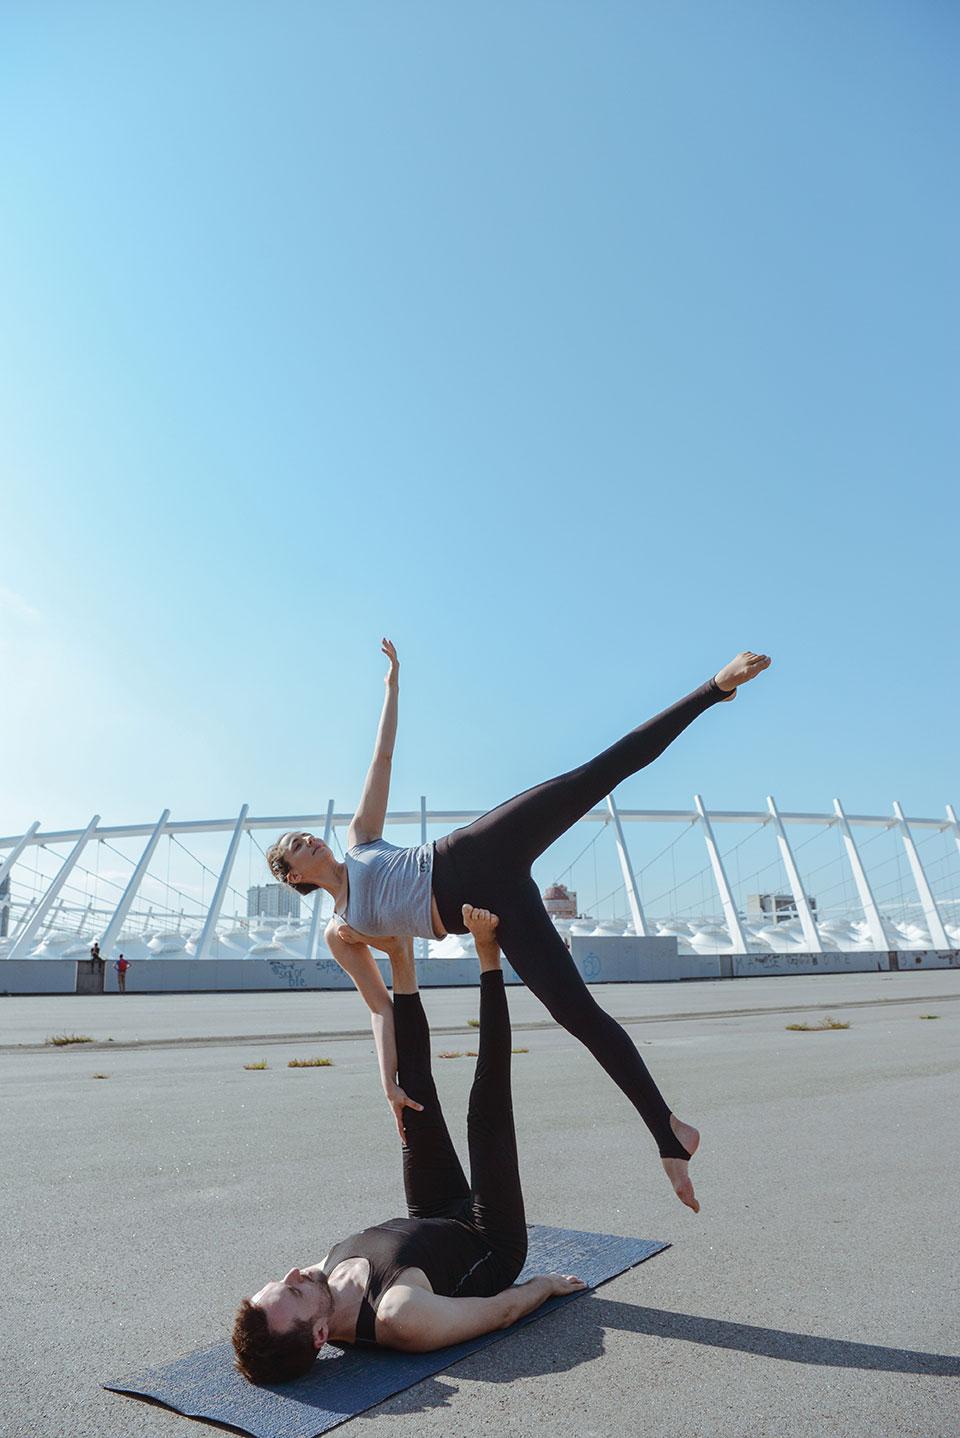 Ein Paar zeigen unter freiem Himmel und auf einer blauen Yogamatte die Figur Cartwheel aus dem Acroyoga, bei der der Mann seine Beine senkrecht in die Luft streckt und die Frau in seitlich mit gespreizeten Beinen uaf seinen Füßen balanciert.